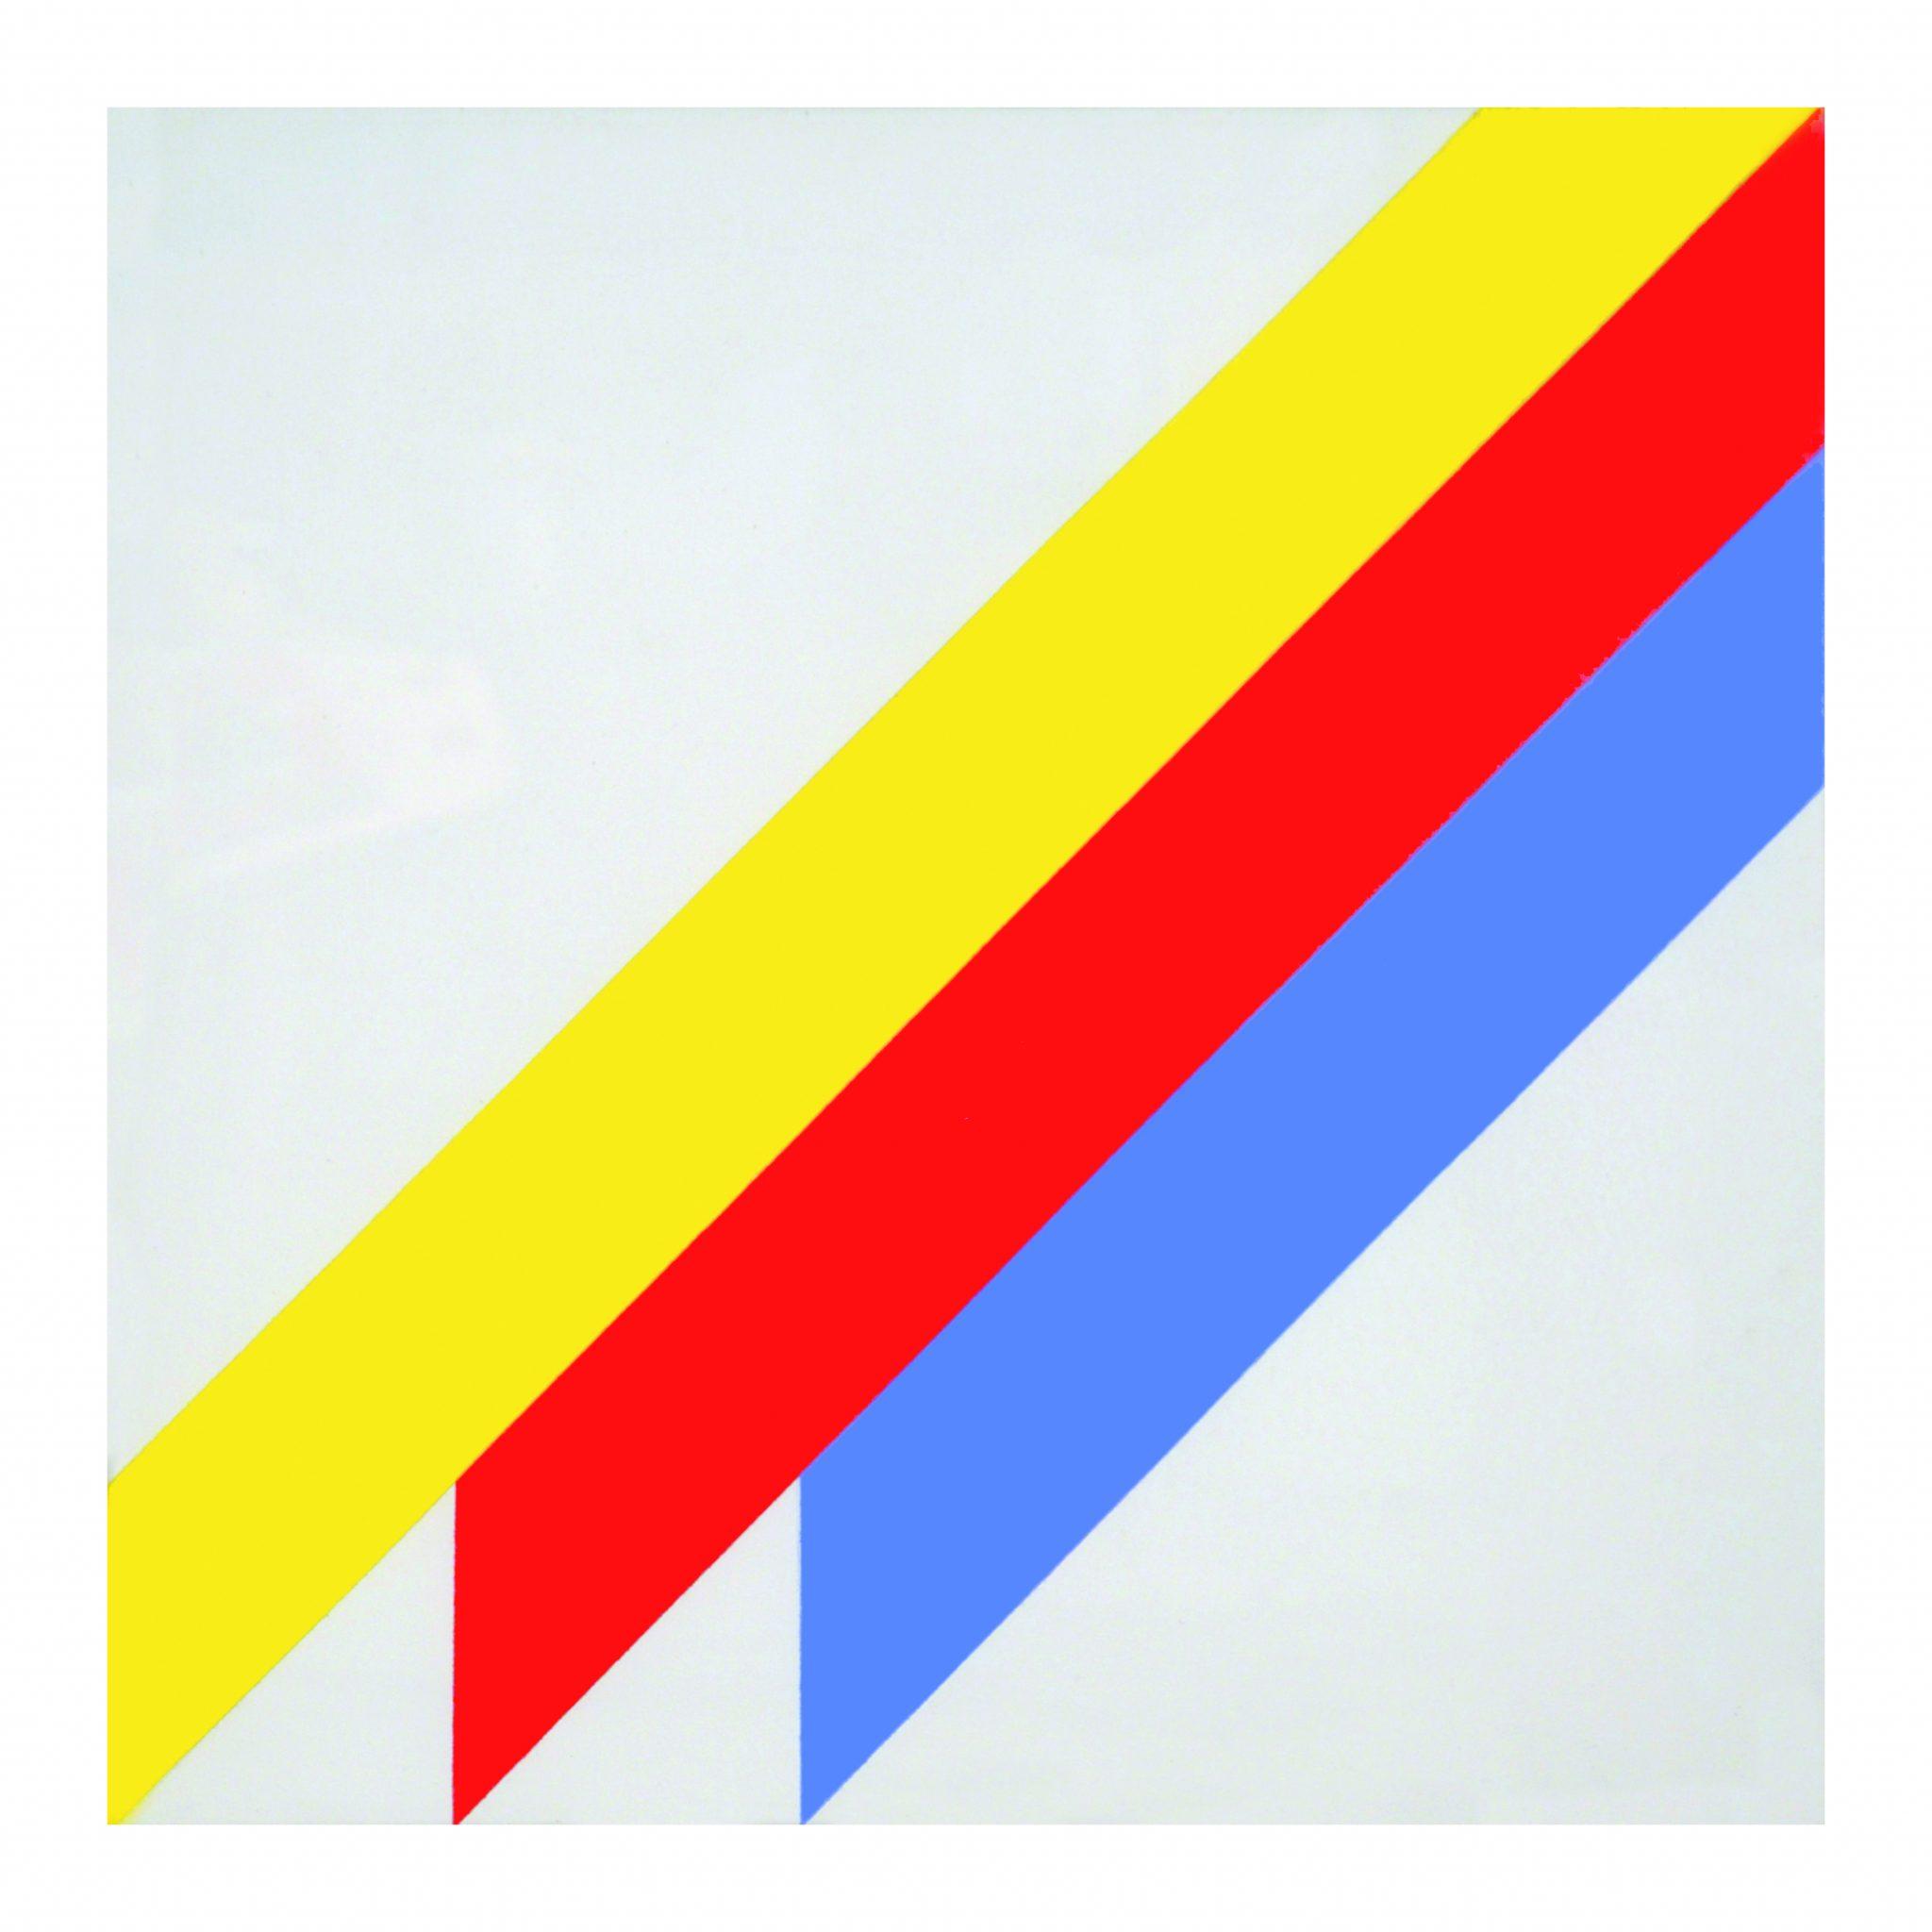 Winfred Gaul, (Senza Titolo) 1971, acrilico su tavola, 50x50 cm